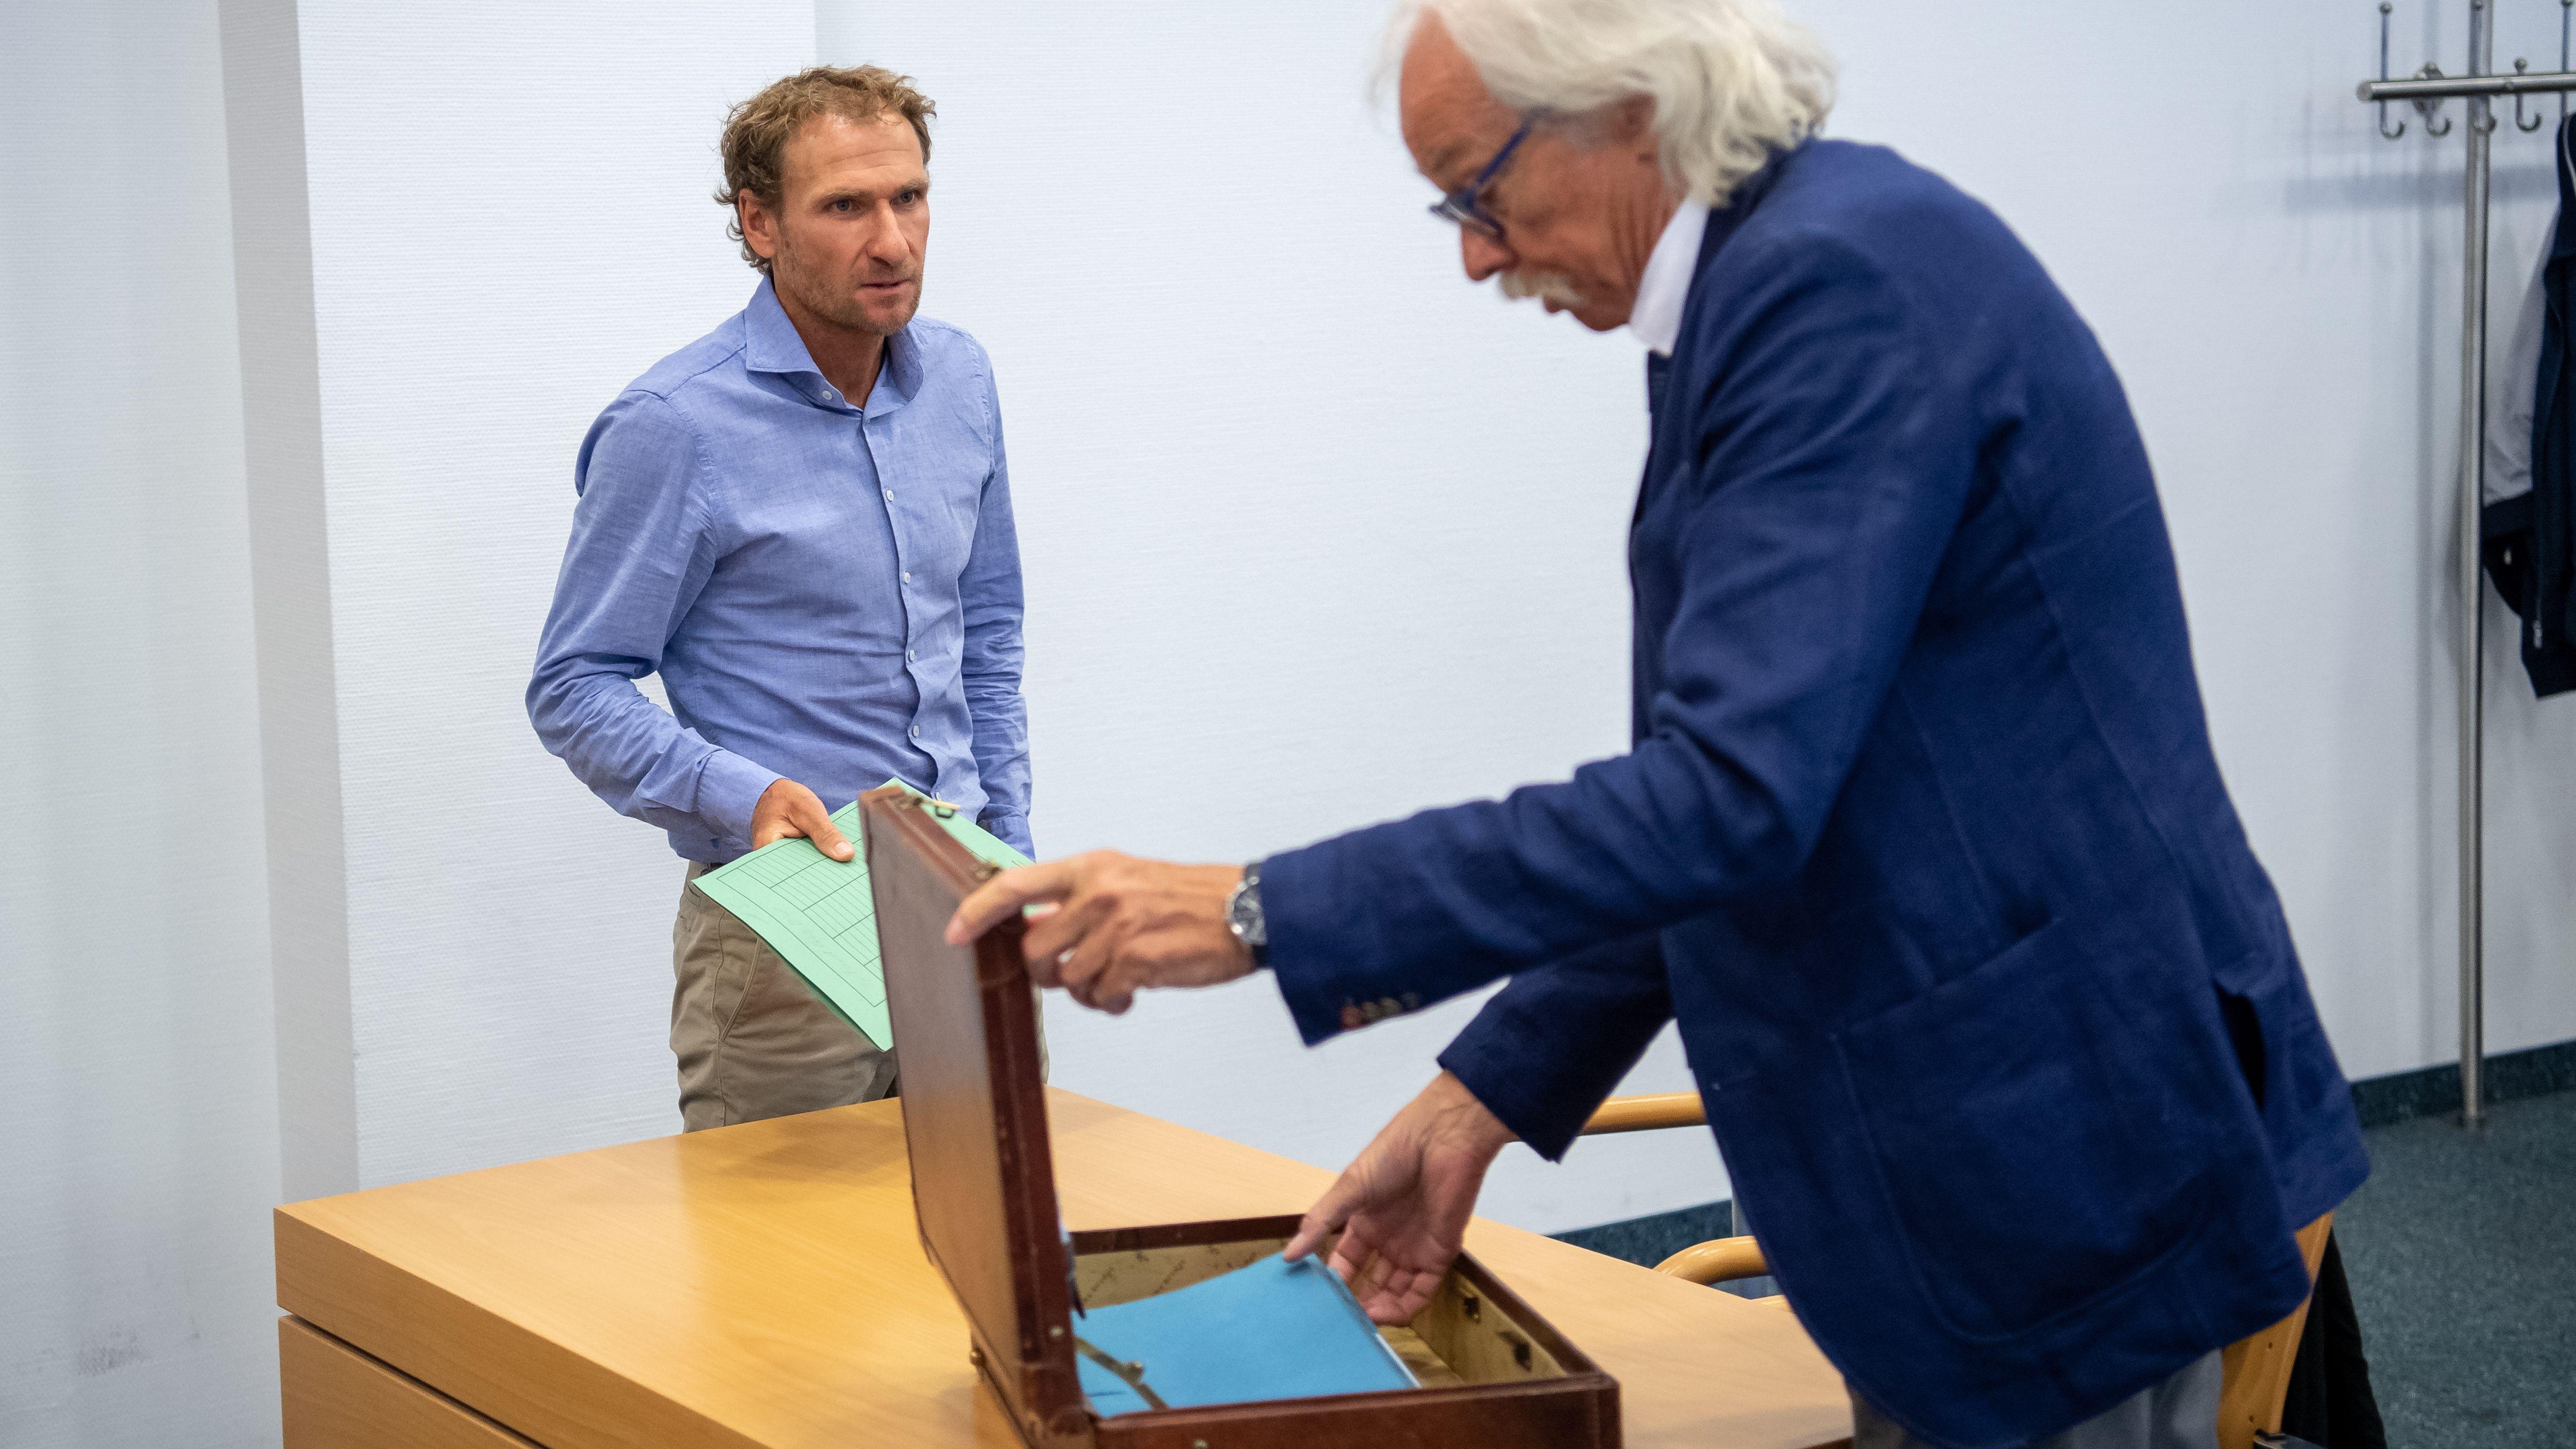 Andreas Stitzl steht vor Beginn seiner Verhandlungen um seine Waffenbesitzkarte mit seinem Anwalt Claus Huber Wilhelm im Verhandlungssaal.